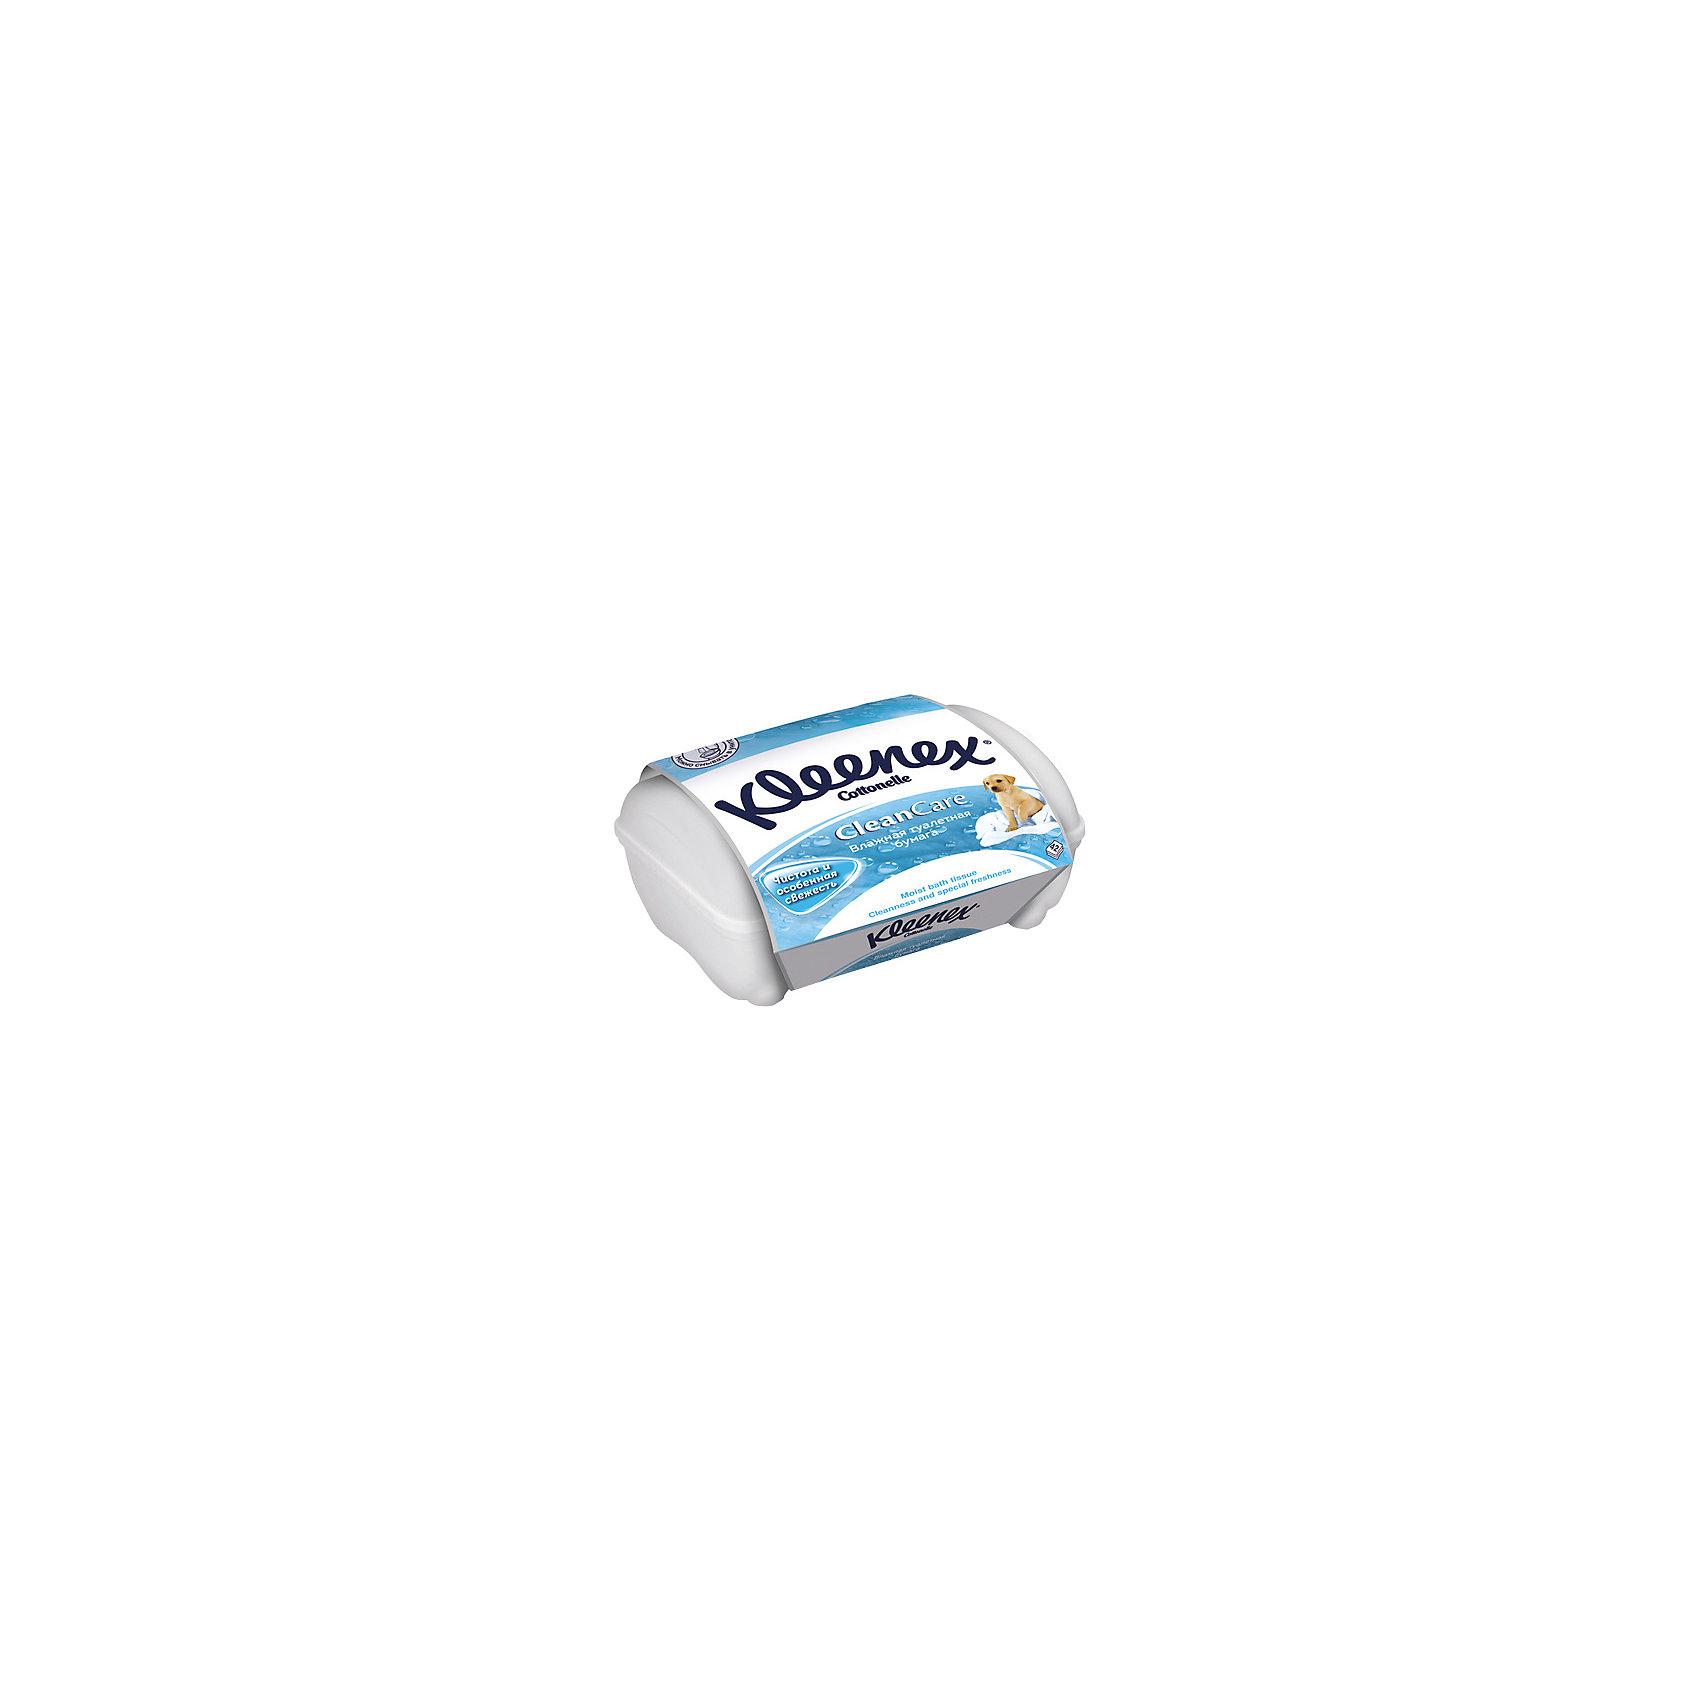 Влажная туалетная бумага в Контейнере 42 шт., KleenexВлажная туалетная бумага в Контейнере 42 шт., Kleenex<br><br>Характеристики:<br><br>-В упаковке: 42 штук<br>-Упаковка: контейнер<br>-Безопасный материал для кожи <br>-Без содержания спирта и парабенов<br>-Растворяема в воде<br><br>Влажная туалетная бумага в Контейнере 42 шт., Kleenex обеспечит безопасную личную гигиену. Её удобно взять с собой в путешествие или <br>на прогулку. Безопасный материал не вызовет аллергическую реакцию. <br><br>Влажная туалетная бумага в Контейнере 42 шт., Kleenex можно приобрести в нашем интернет-магазине.<br><br>Ширина мм: 150<br>Глубина мм: 100<br>Высота мм: 150<br>Вес г: 500<br>Возраст от месяцев: 6<br>Возраст до месяцев: 36<br>Пол: Унисекс<br>Возраст: Детский<br>SKU: 5126875